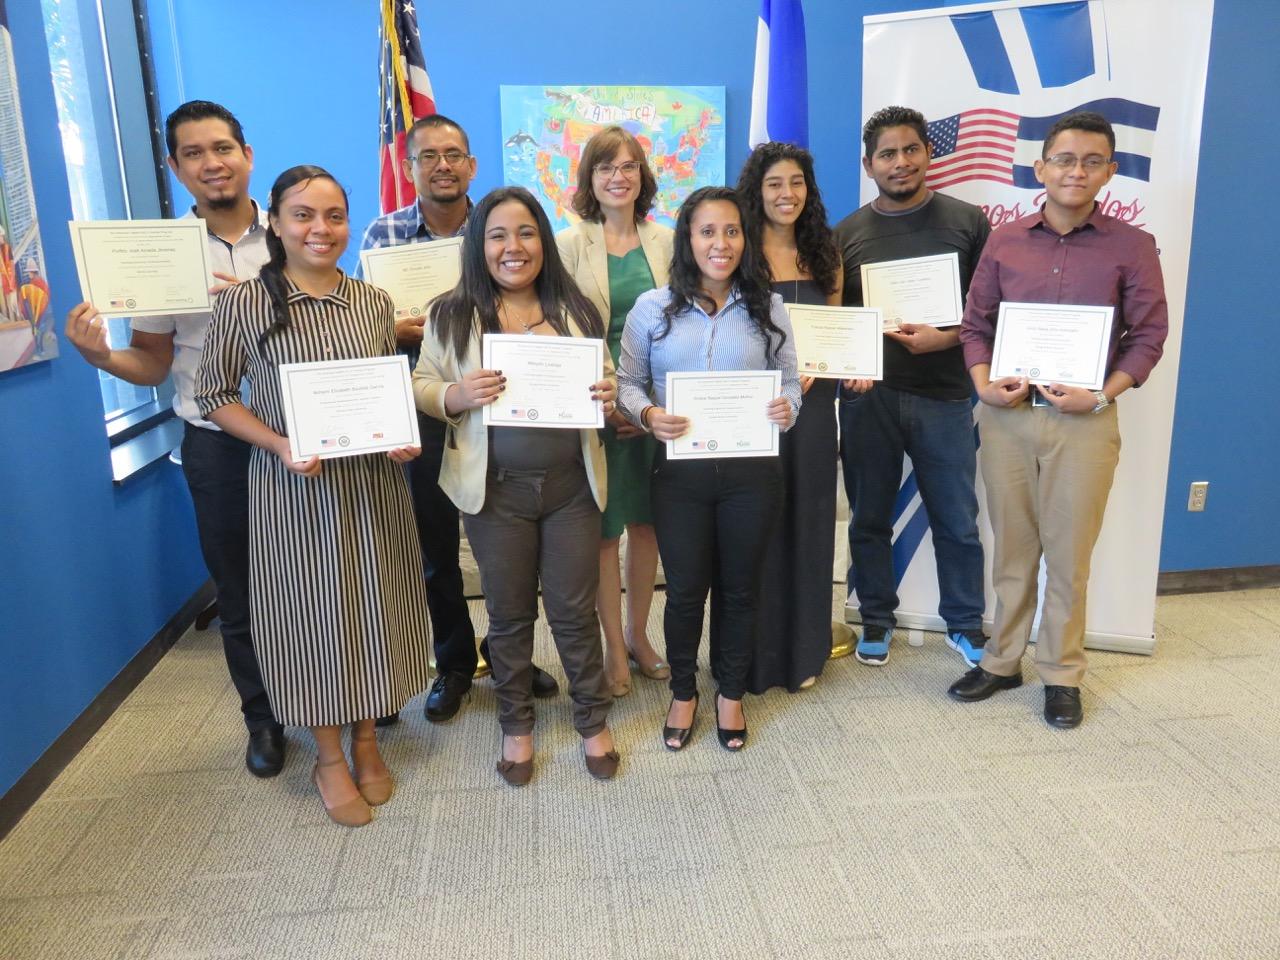 À¦Ÿ À¦‡à¦Ÿ À¦° Usembassy Nicaragua La Agregada Cultural Stephanie Shoemaker Felicito A Los Docentes De Ingles De Managua Chinandega Y Matagalpa Que Culminaron Cursos De Posgrados En Linea Del Programa De Becas E Teacher Sobre